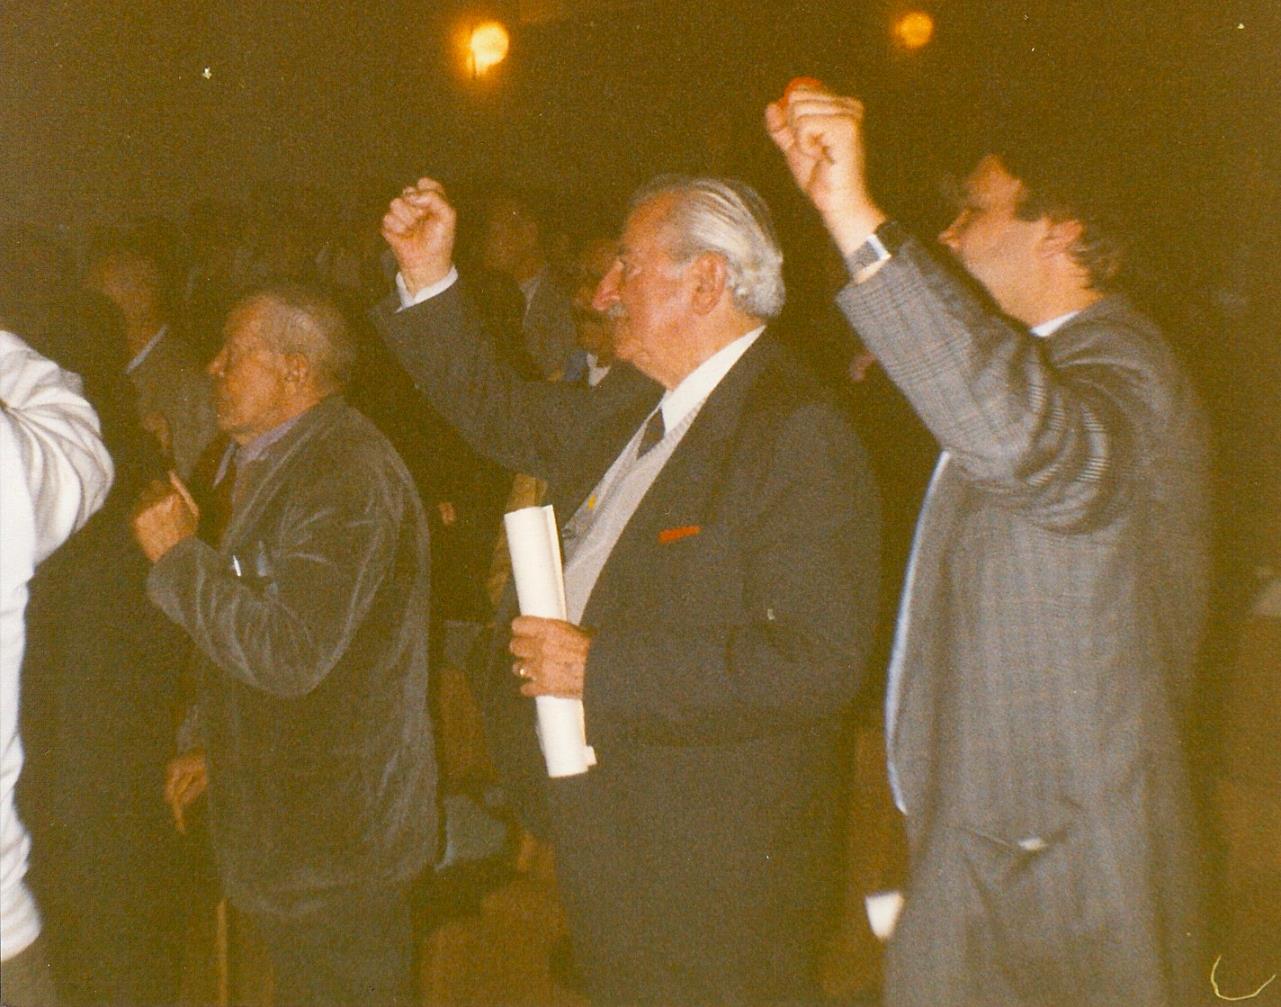 """Armando a Madrid per la celebrazione delle Brigate Internazionali. Foto tratta dalla mostra Mario Ricci """"Armando"""" dal mito alla storia - con Armando nel cuore"""